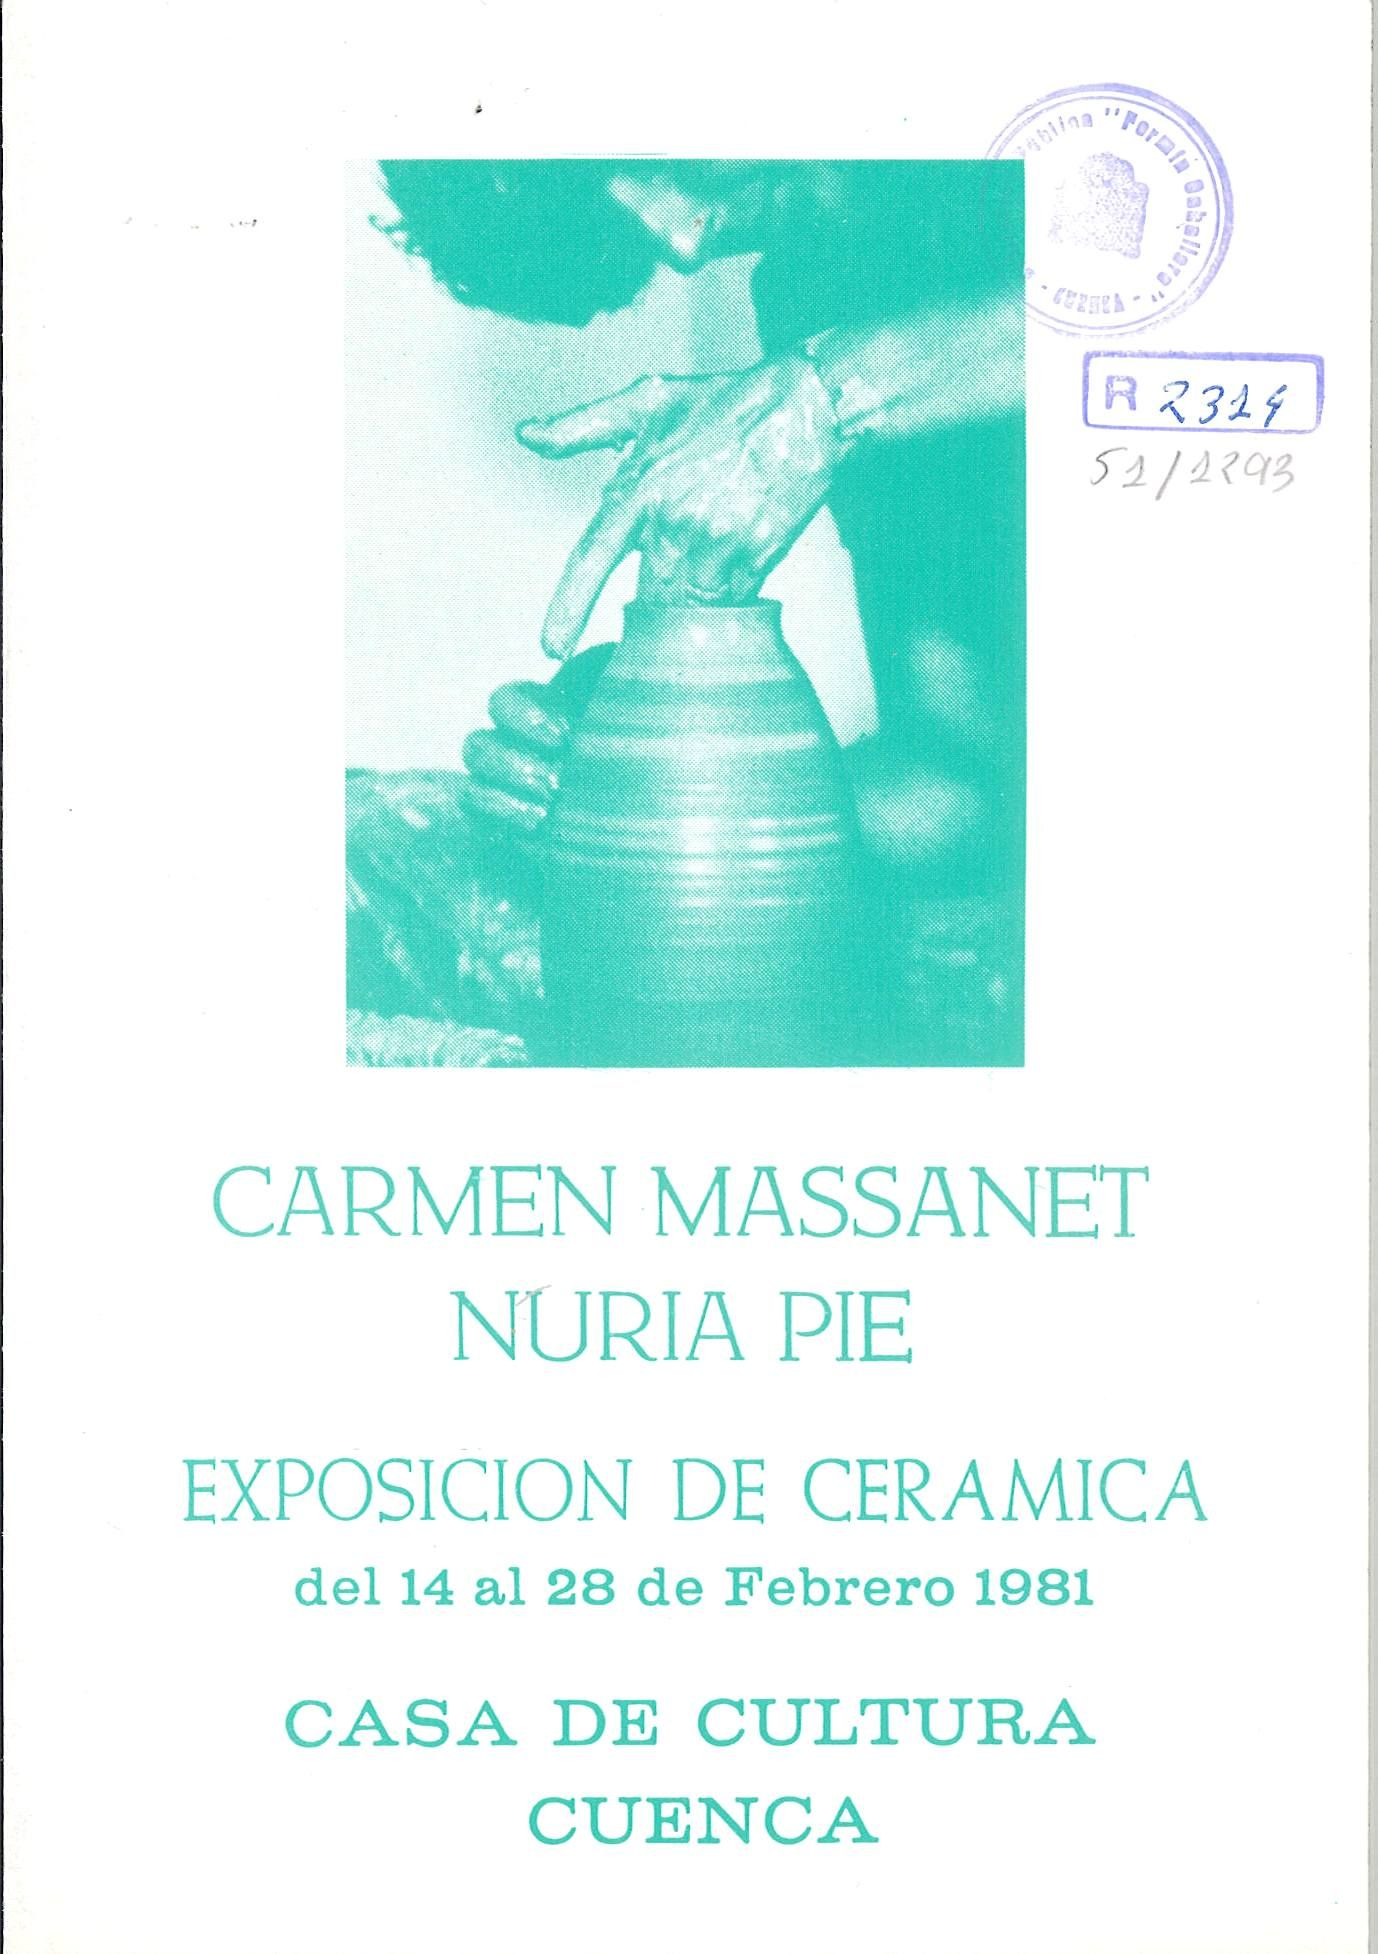 Exposición de cerámicas de Carmen Massanet y Nuria Pie en la Casa de Cultura de Cuenca Febrero 1981 #CasaCulturaCuenca #CarmenMassanet #NuriaPie